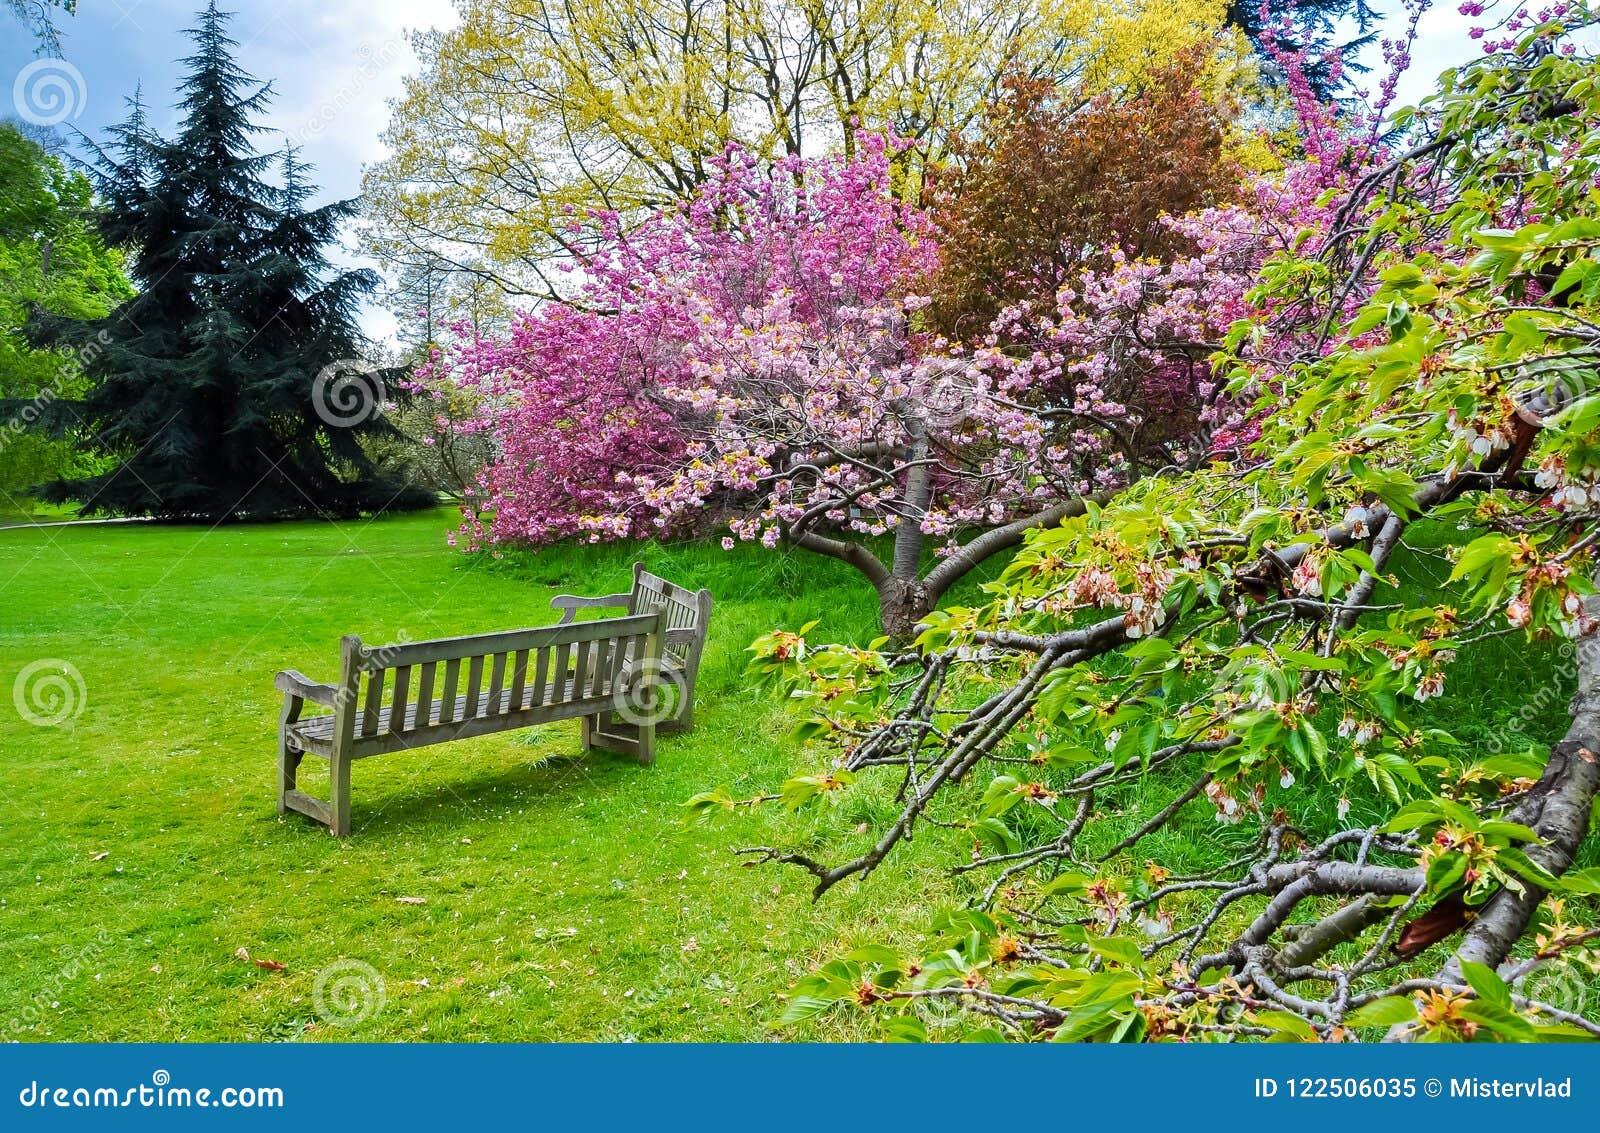 Βοτανικός κήπος Kew την άνοιξη, Λονδίνο, Ηνωμένο Βασίλειο